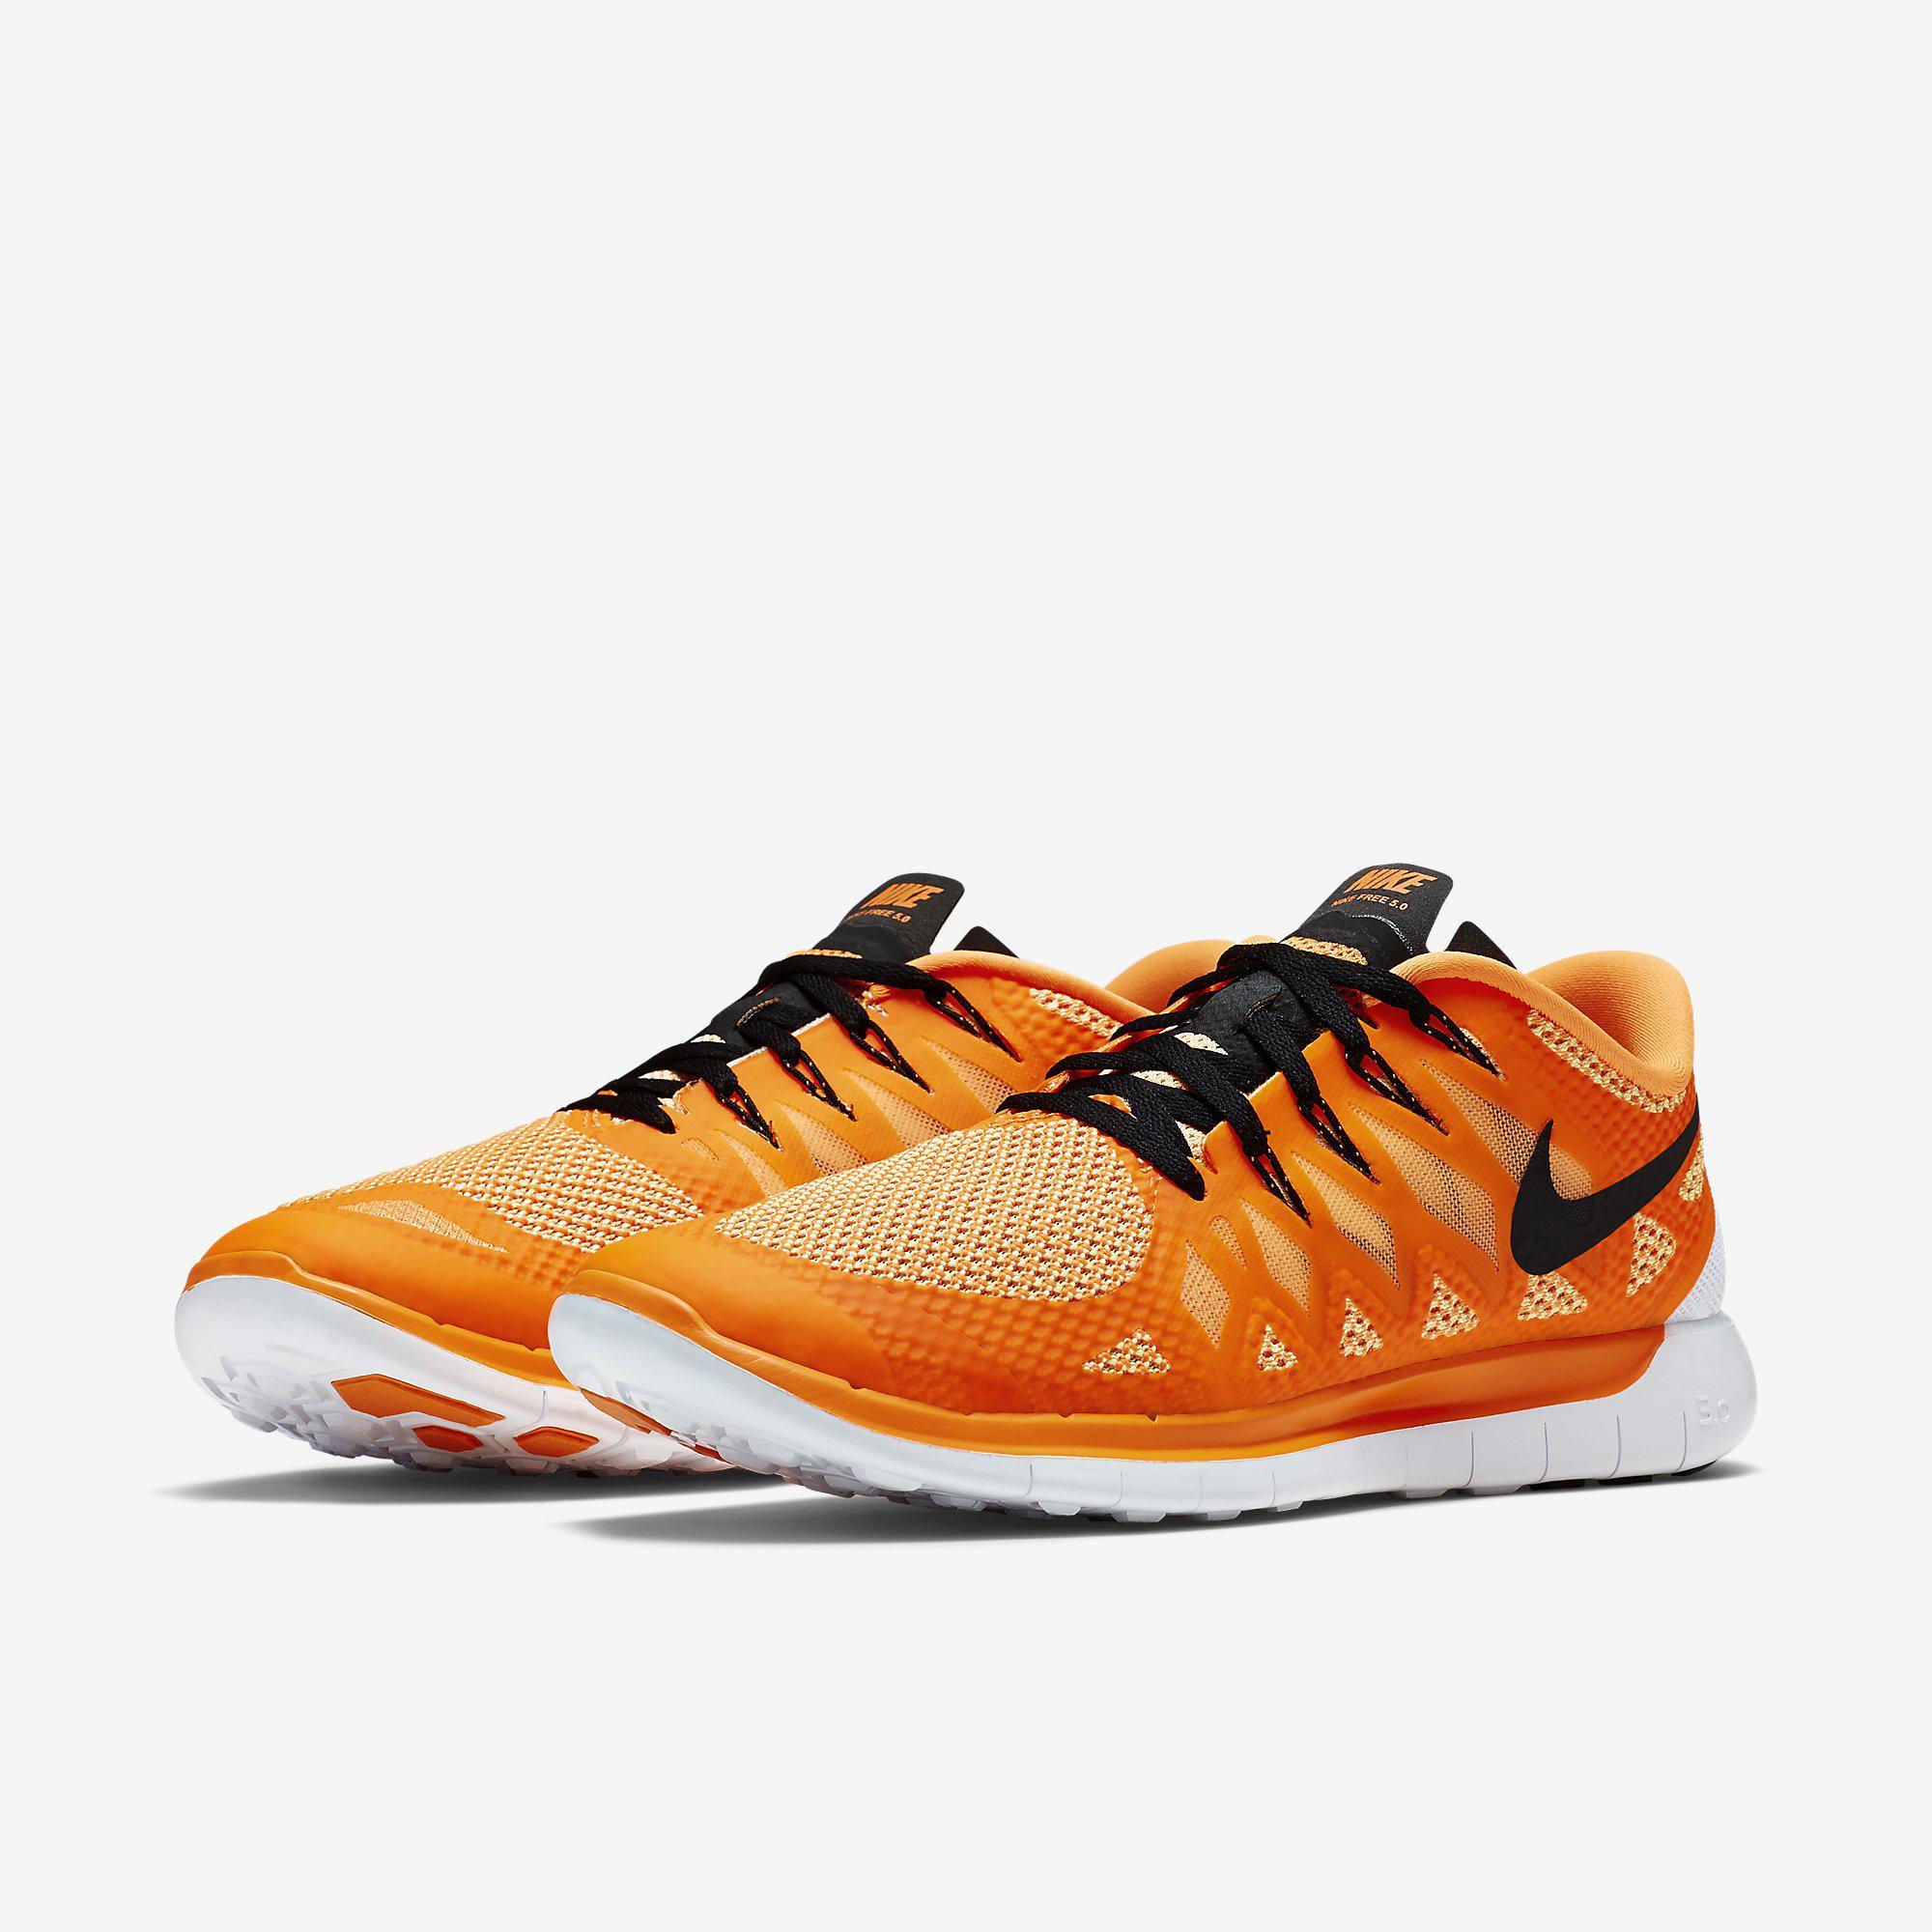 nike mens free 5 0 running shoes orange black